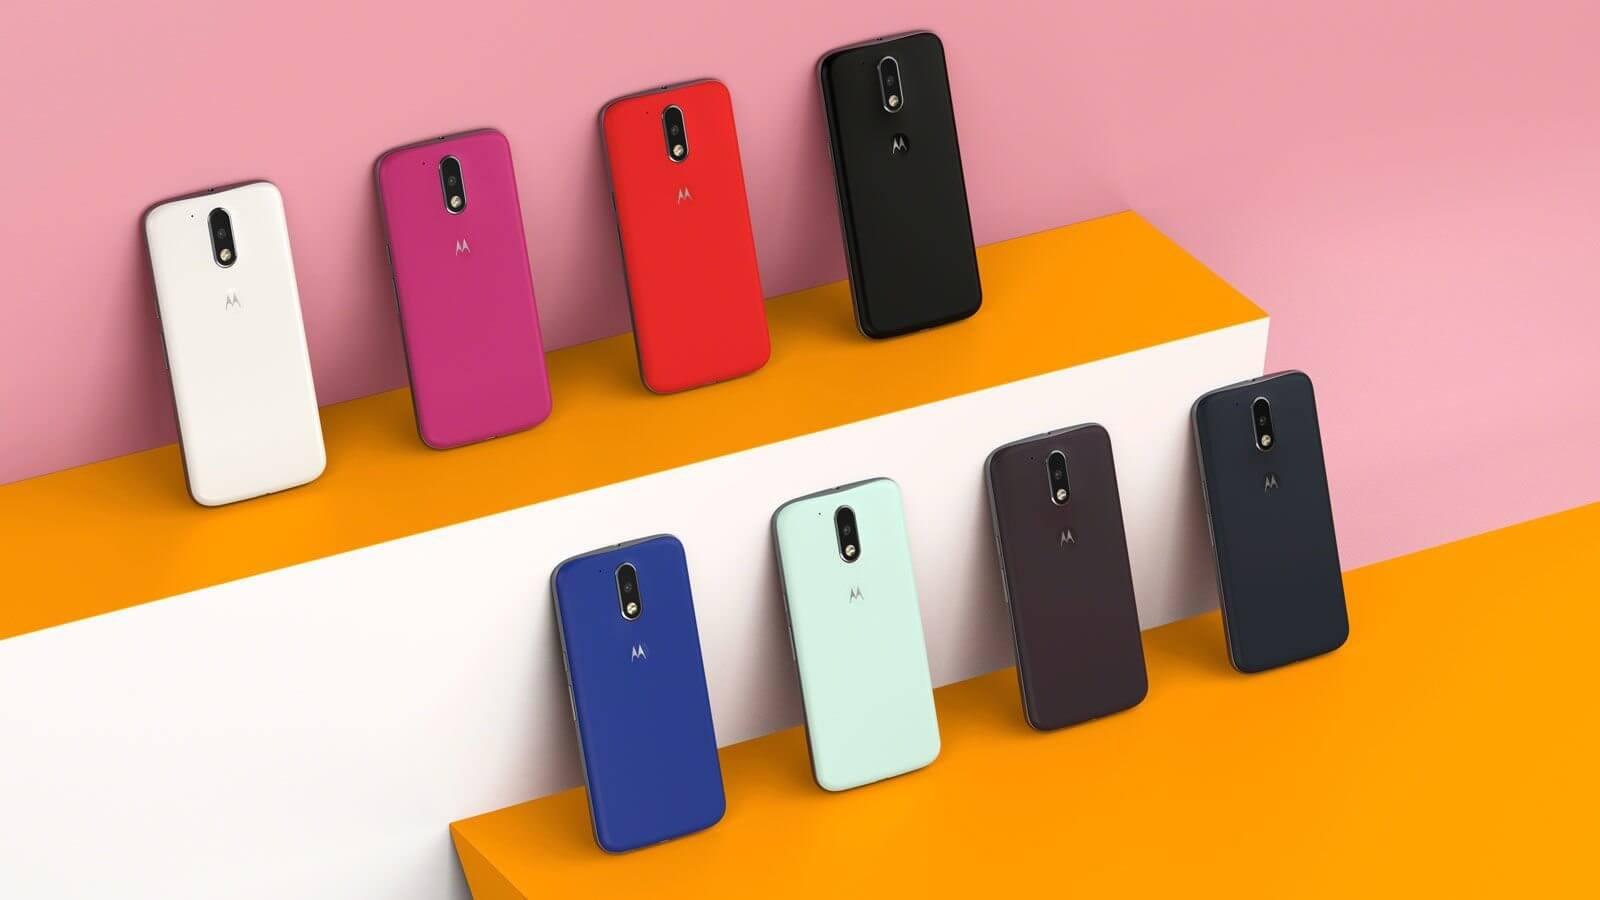 smt motog4plus maker - Os 10 smartphones mais buscados pelos brasileiros em janeiro